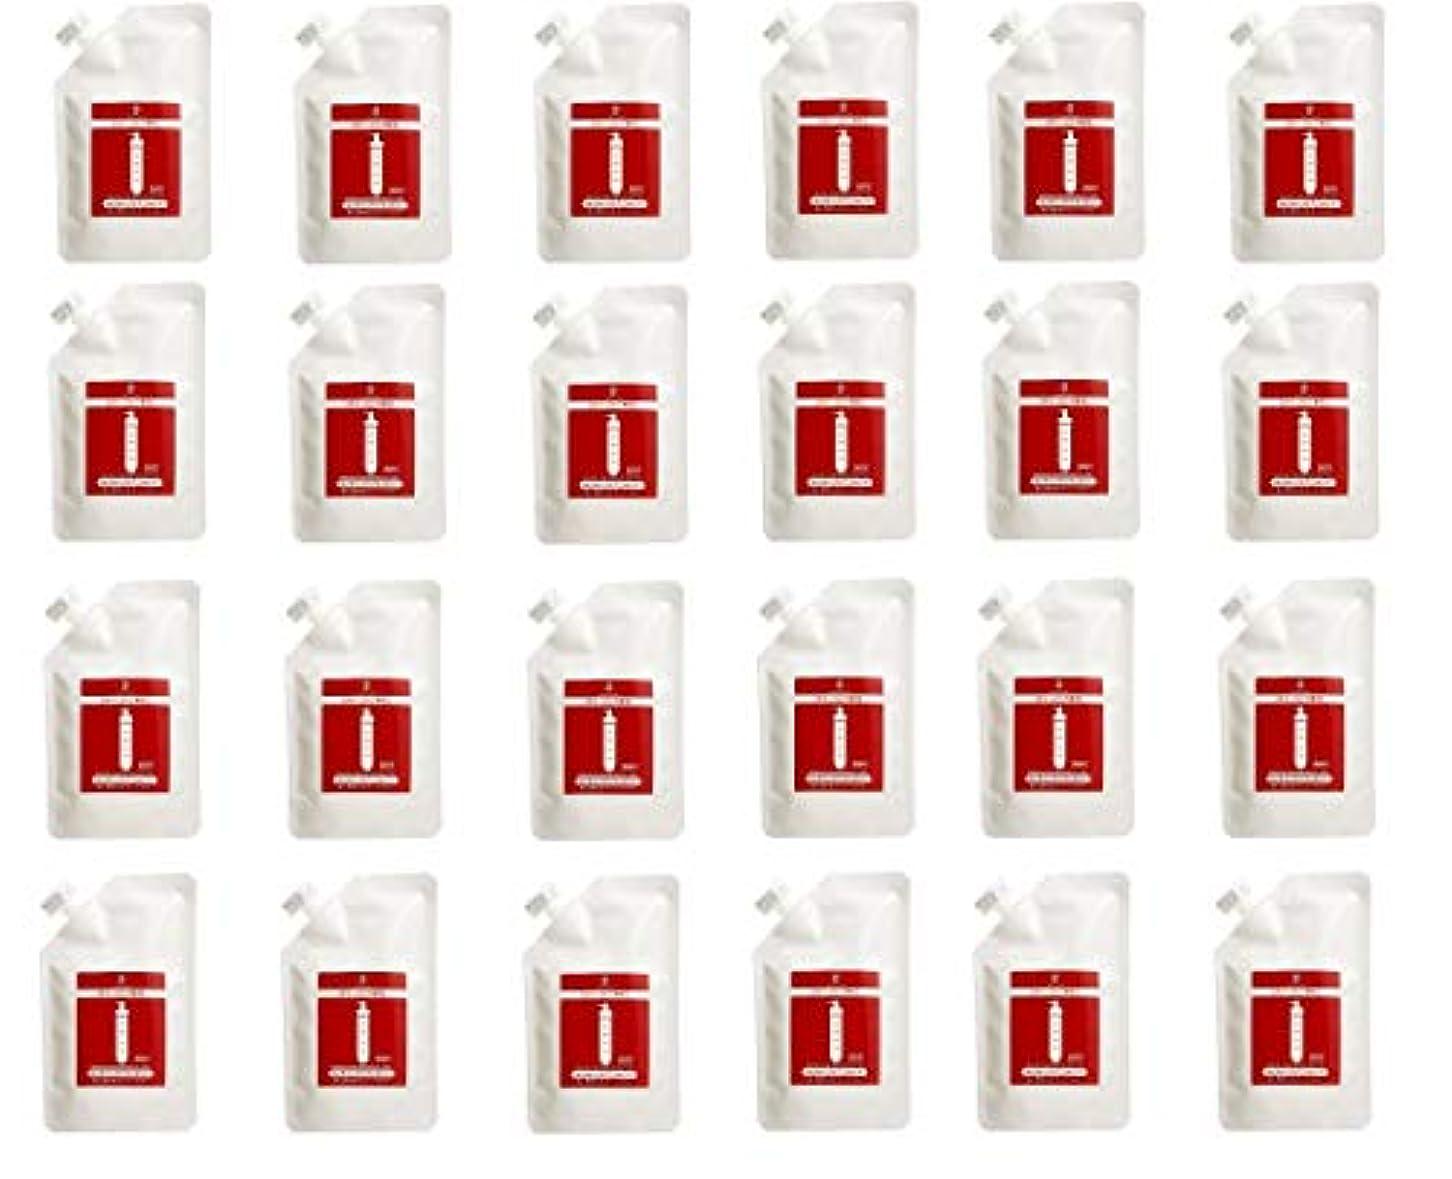 噛む退化する放散する【24個セット】 マーガレット ジョセフィン ダメージケアエッセンス 詰替え用 120ml